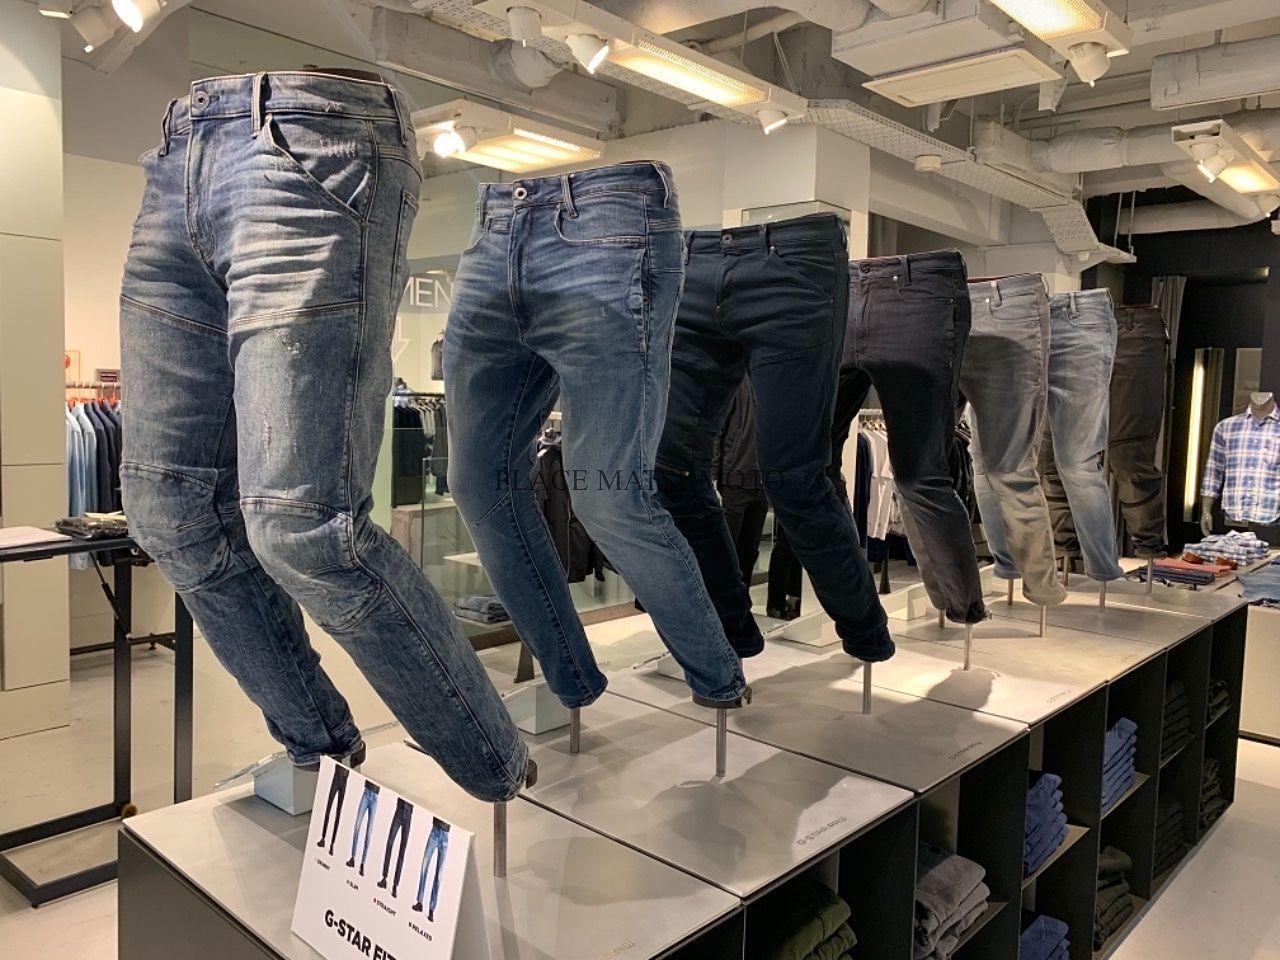 カッコいいデザインのジーンズがズラッと並ぶ